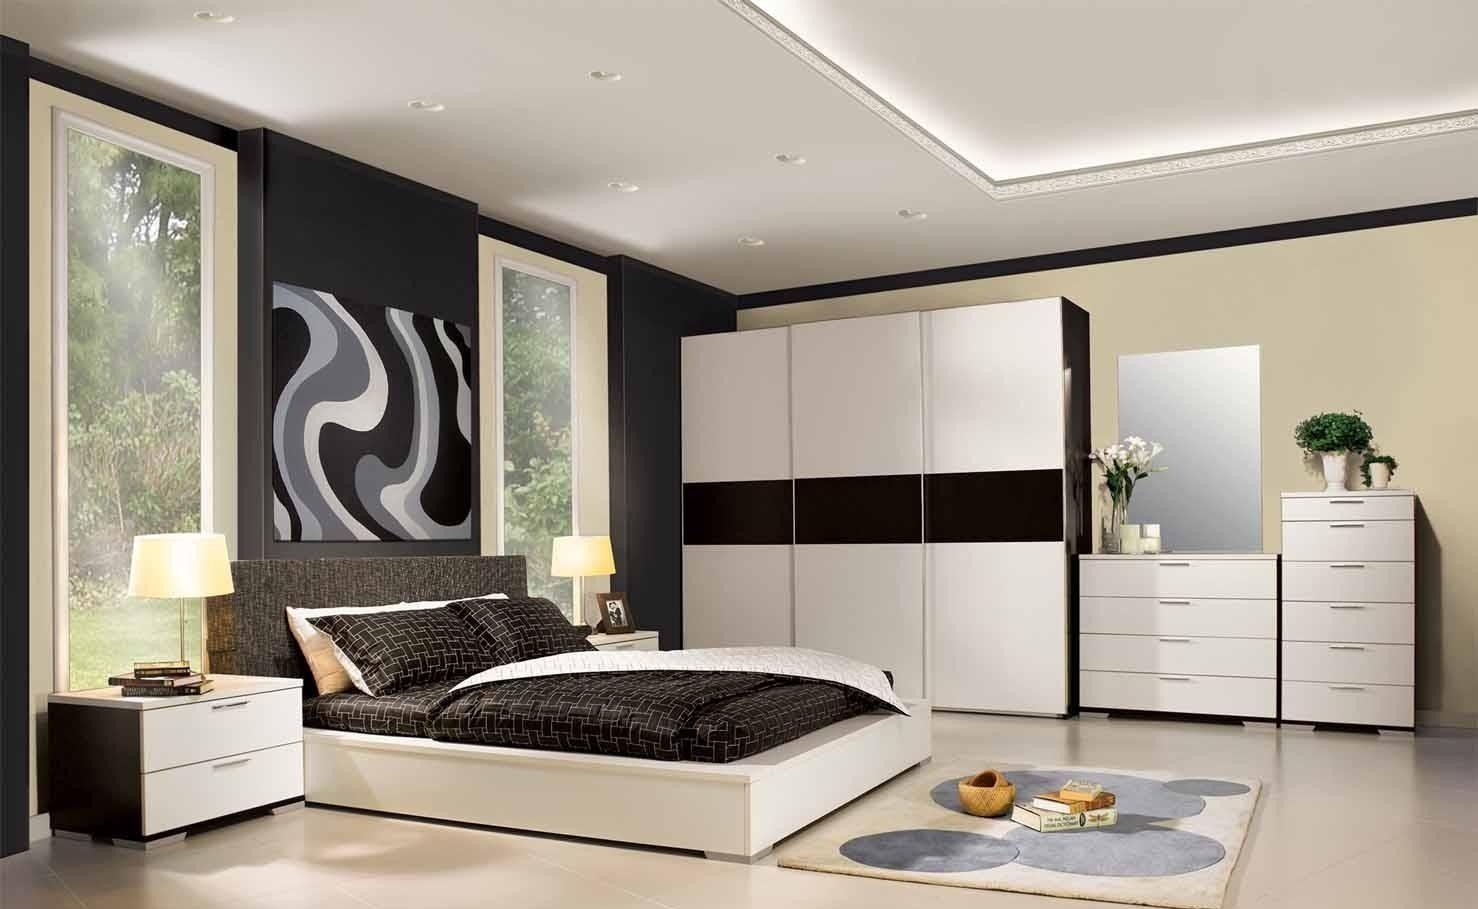 Habitaci n de estilo zen im genes y fotos - Decoracion zen dormitorio ...